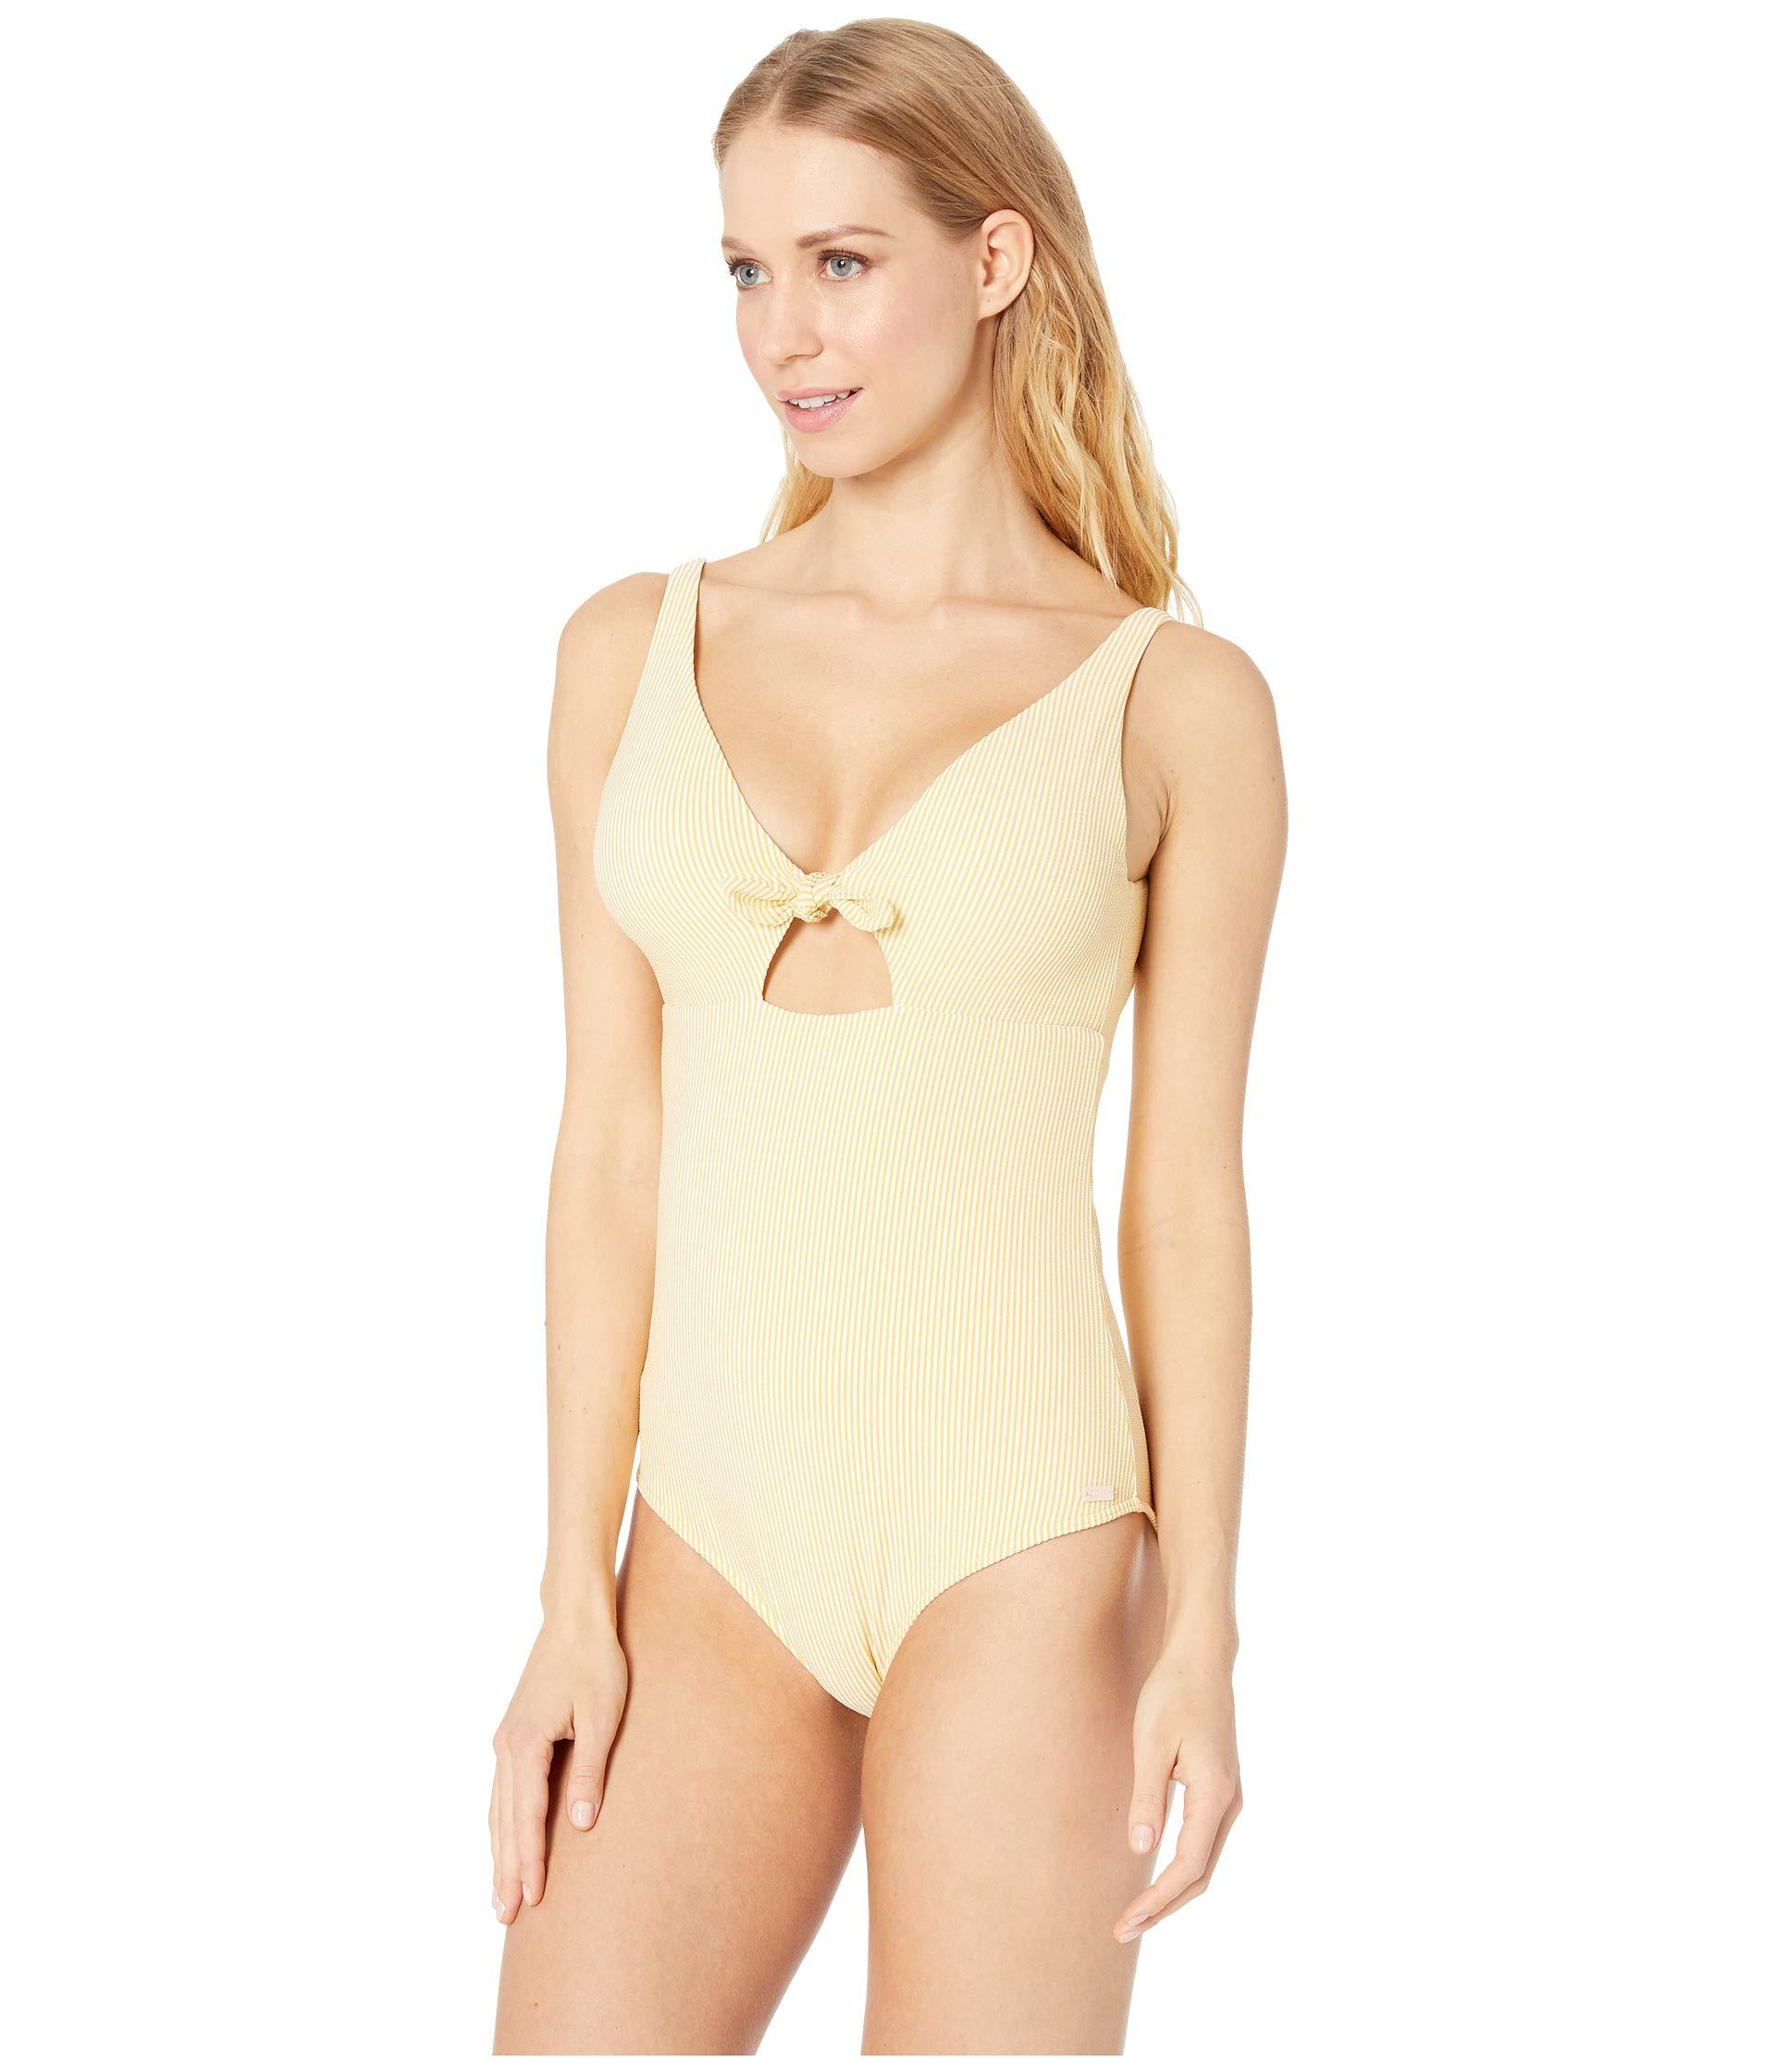 Bali Roxy One piece Cornfield Swimsuit Dreamers Stripes Ochre gZx8aw4q